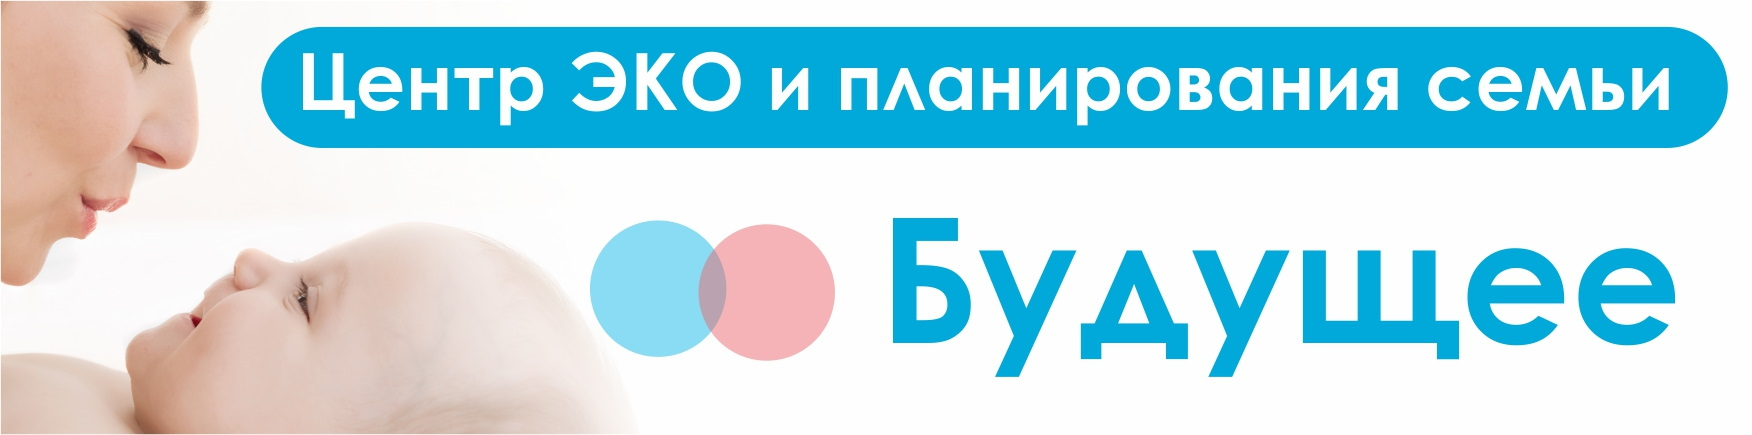 центр ЭКО